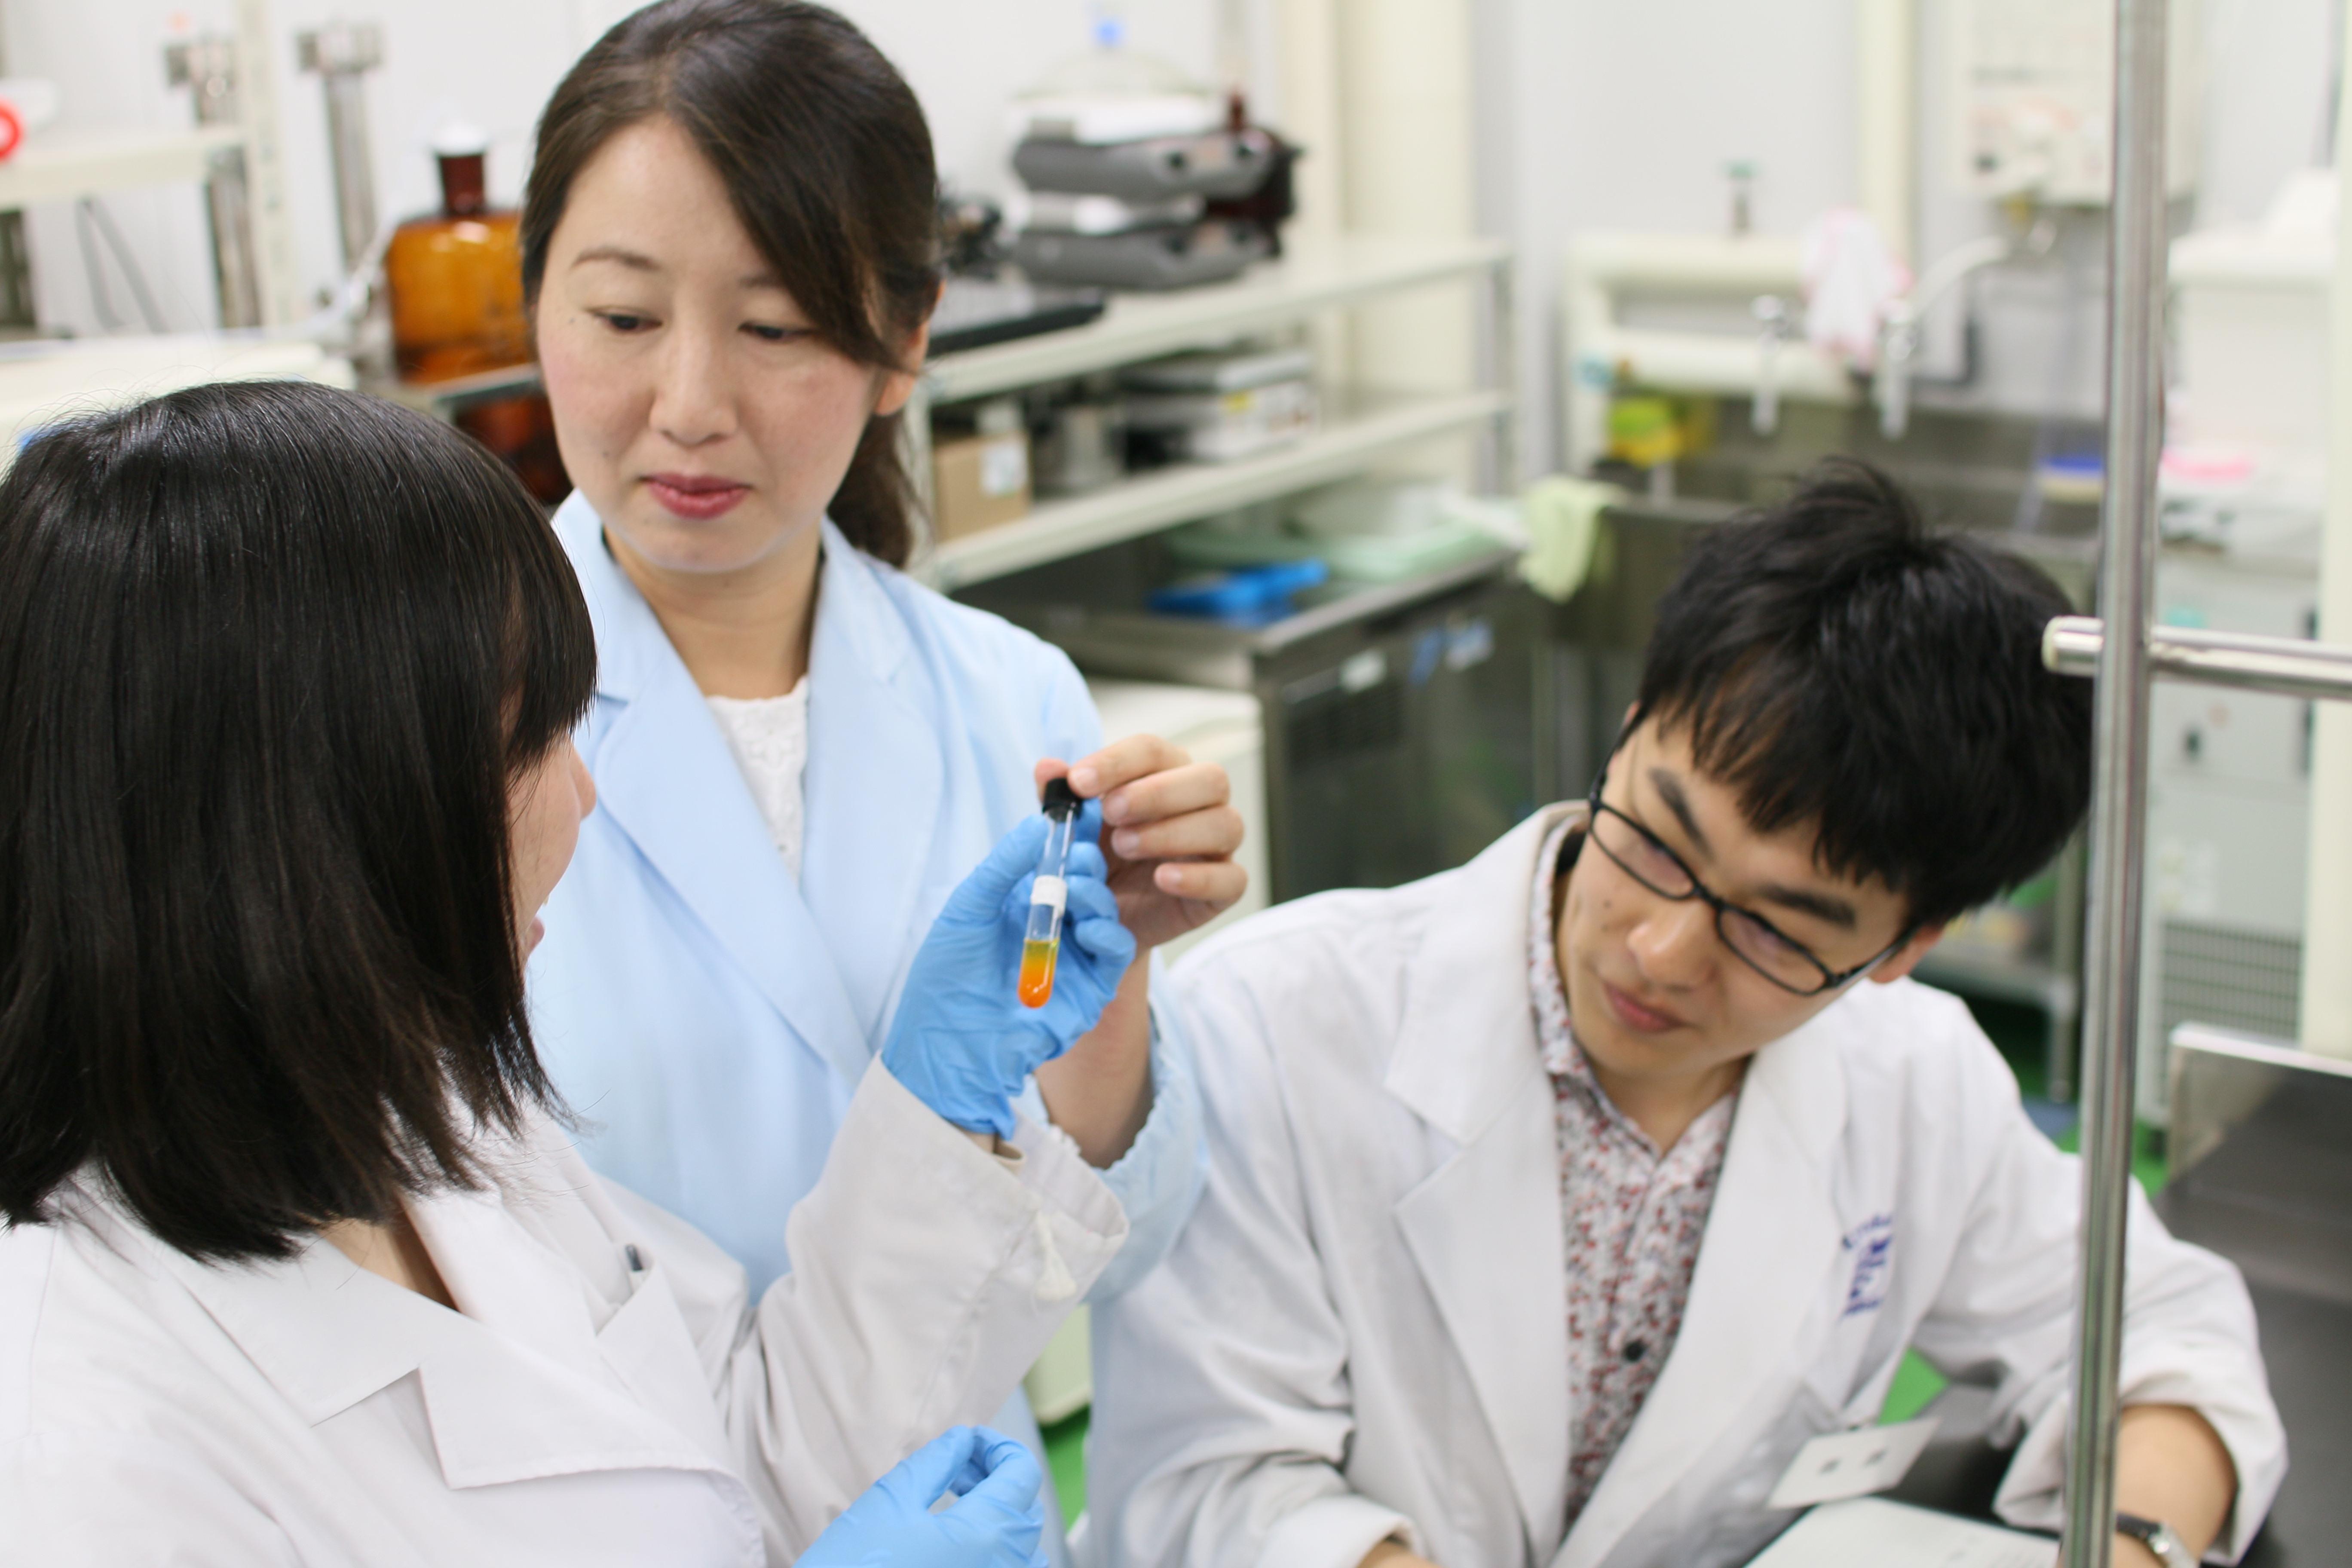 """文部科学省「女性研究者研究活動支援事業」において""""S評価""""を獲得~3年間で女性教員比率が1.4倍、科研費獲得額は4倍に~"""